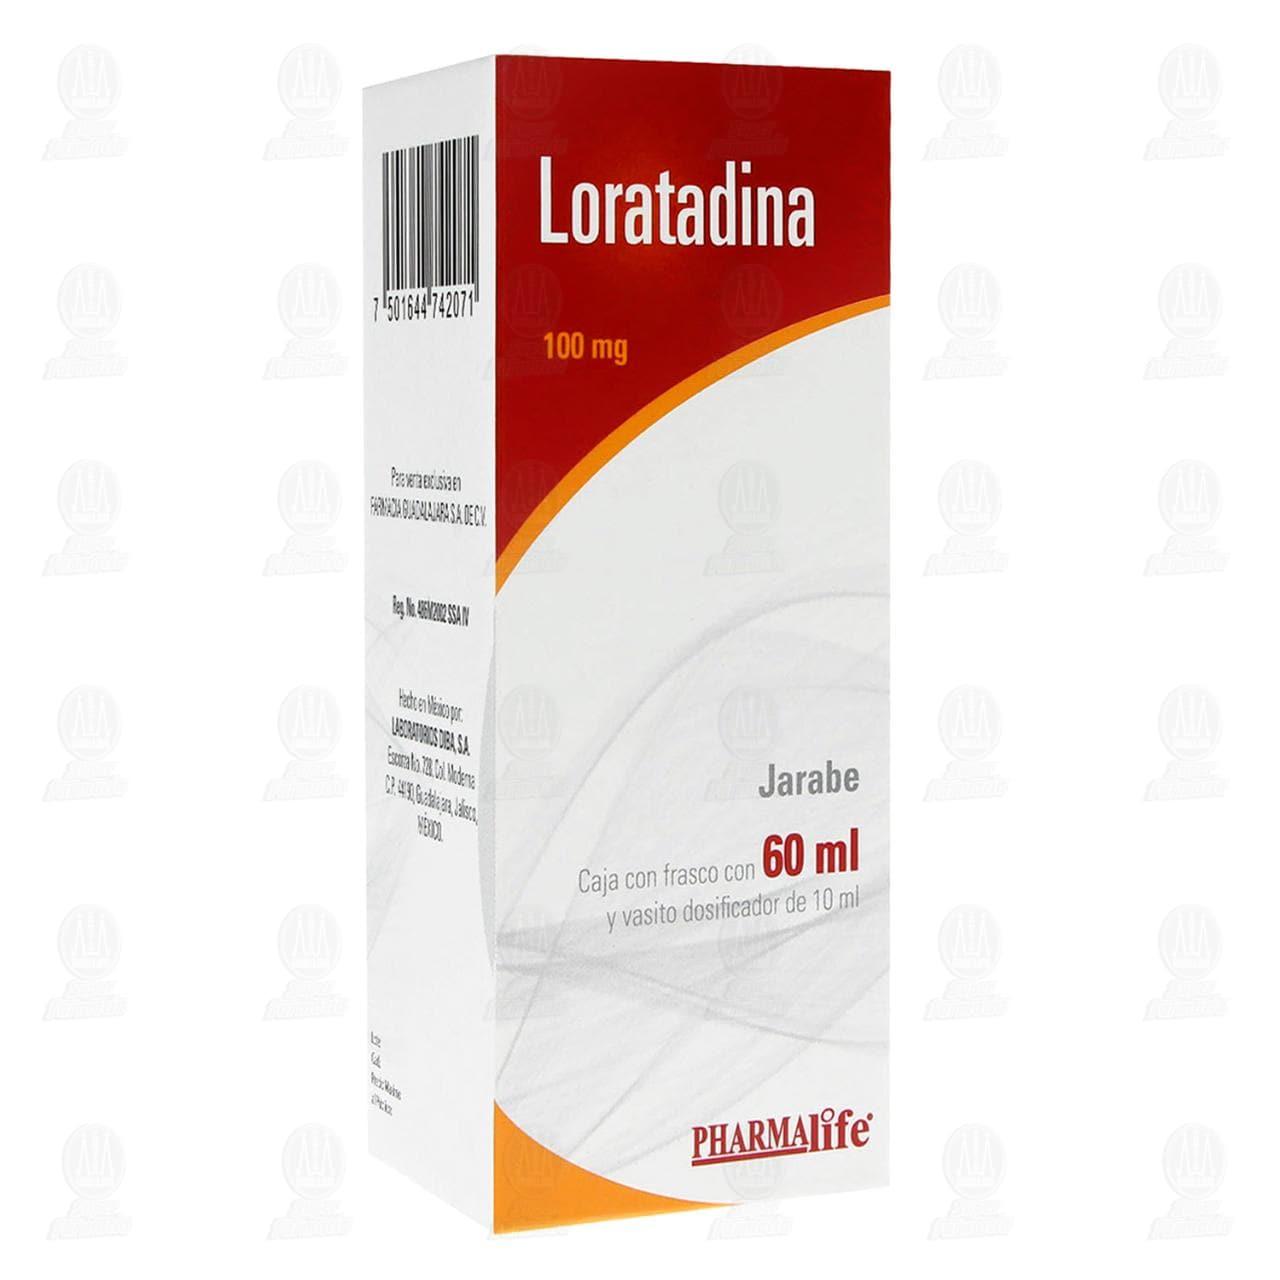 comprar https://www.movil.farmaciasguadalajara.com/wcsstore/FGCAS/wcs/products/1122223_A_1280_AL.jpg en farmacias guadalajara